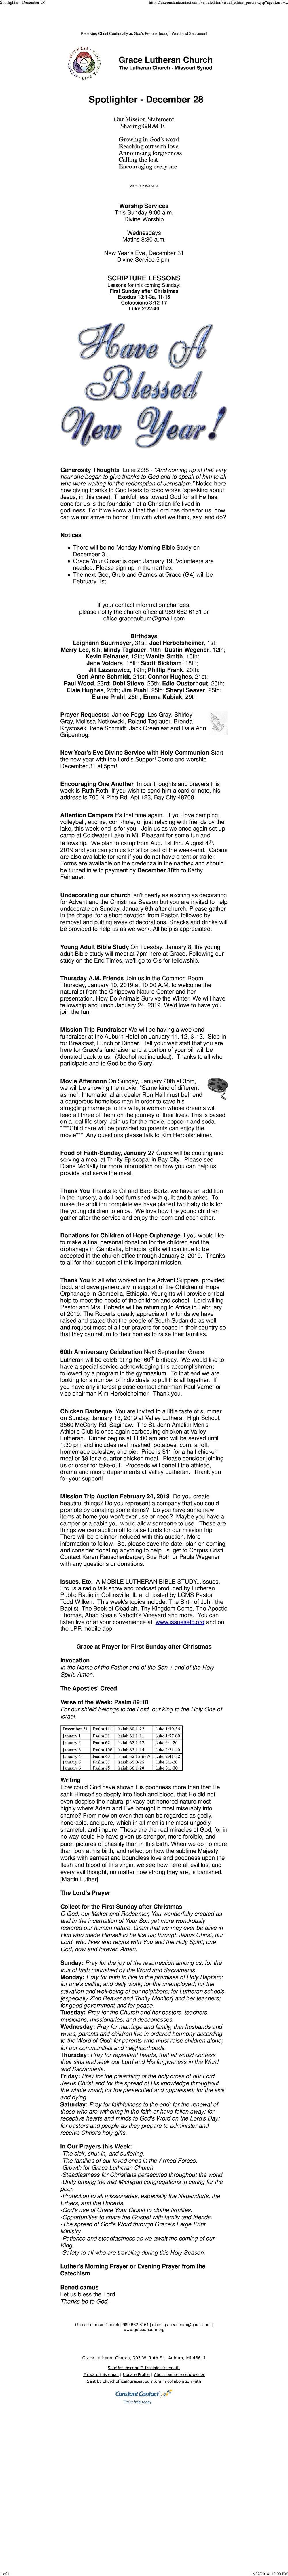 Spotlighter - December 28-page-001.jpg